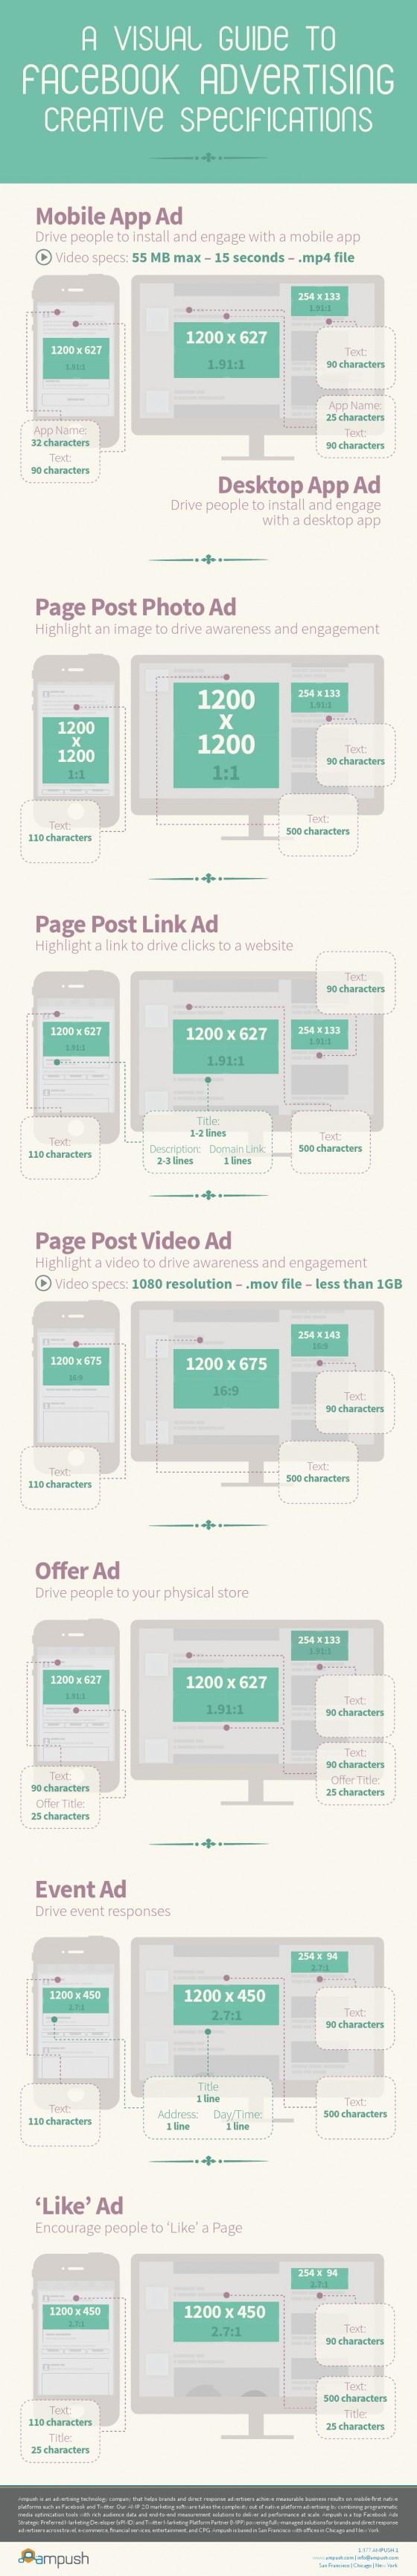 guide-annonces-publicitaires-facebook